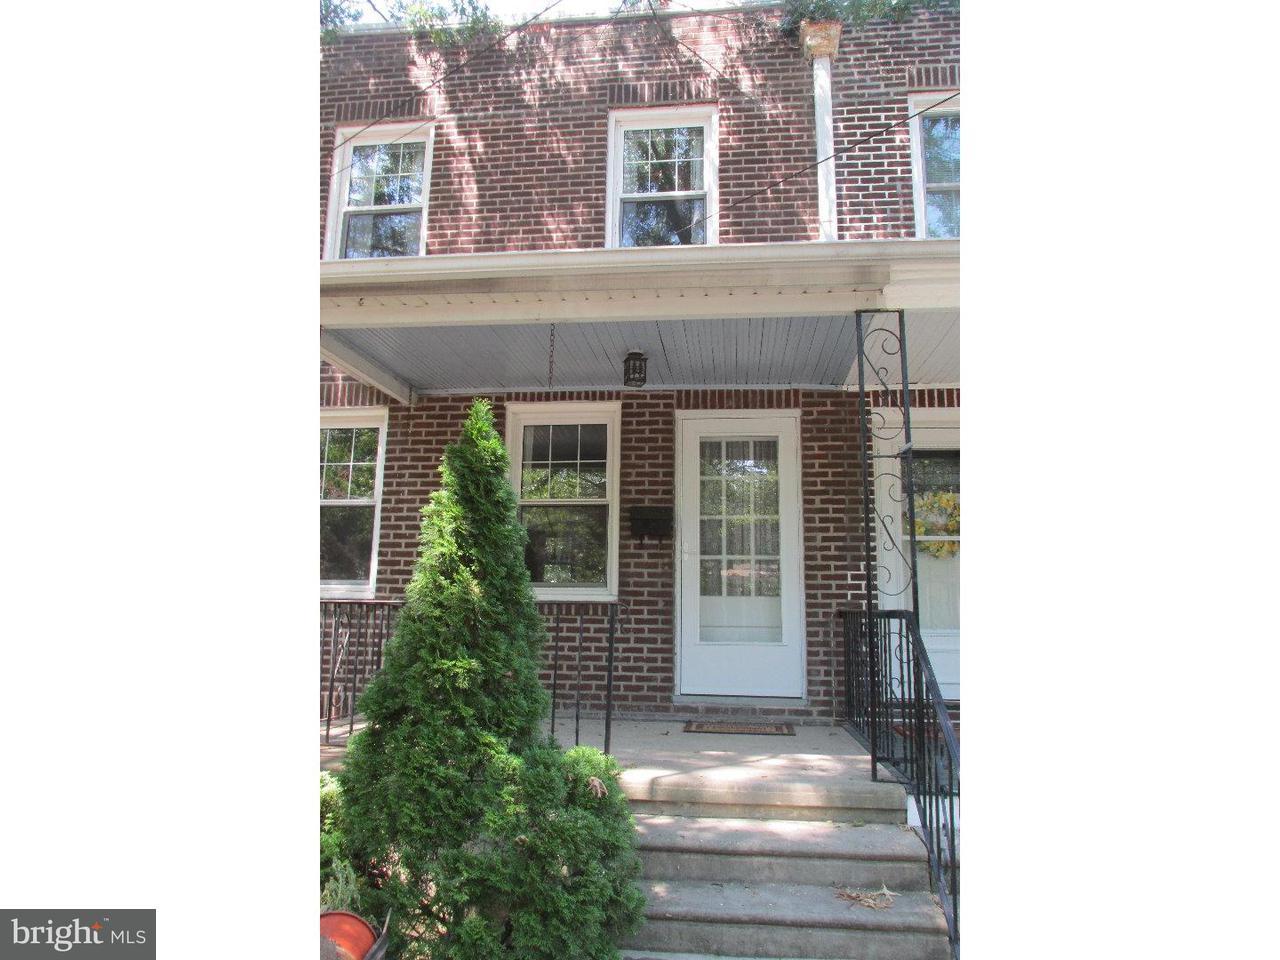 Casa unifamiliar adosada (Townhouse) por un Alquiler en 115 WESLEY Avenue Collingswood, Nueva Jersey 08108 Estados Unidos